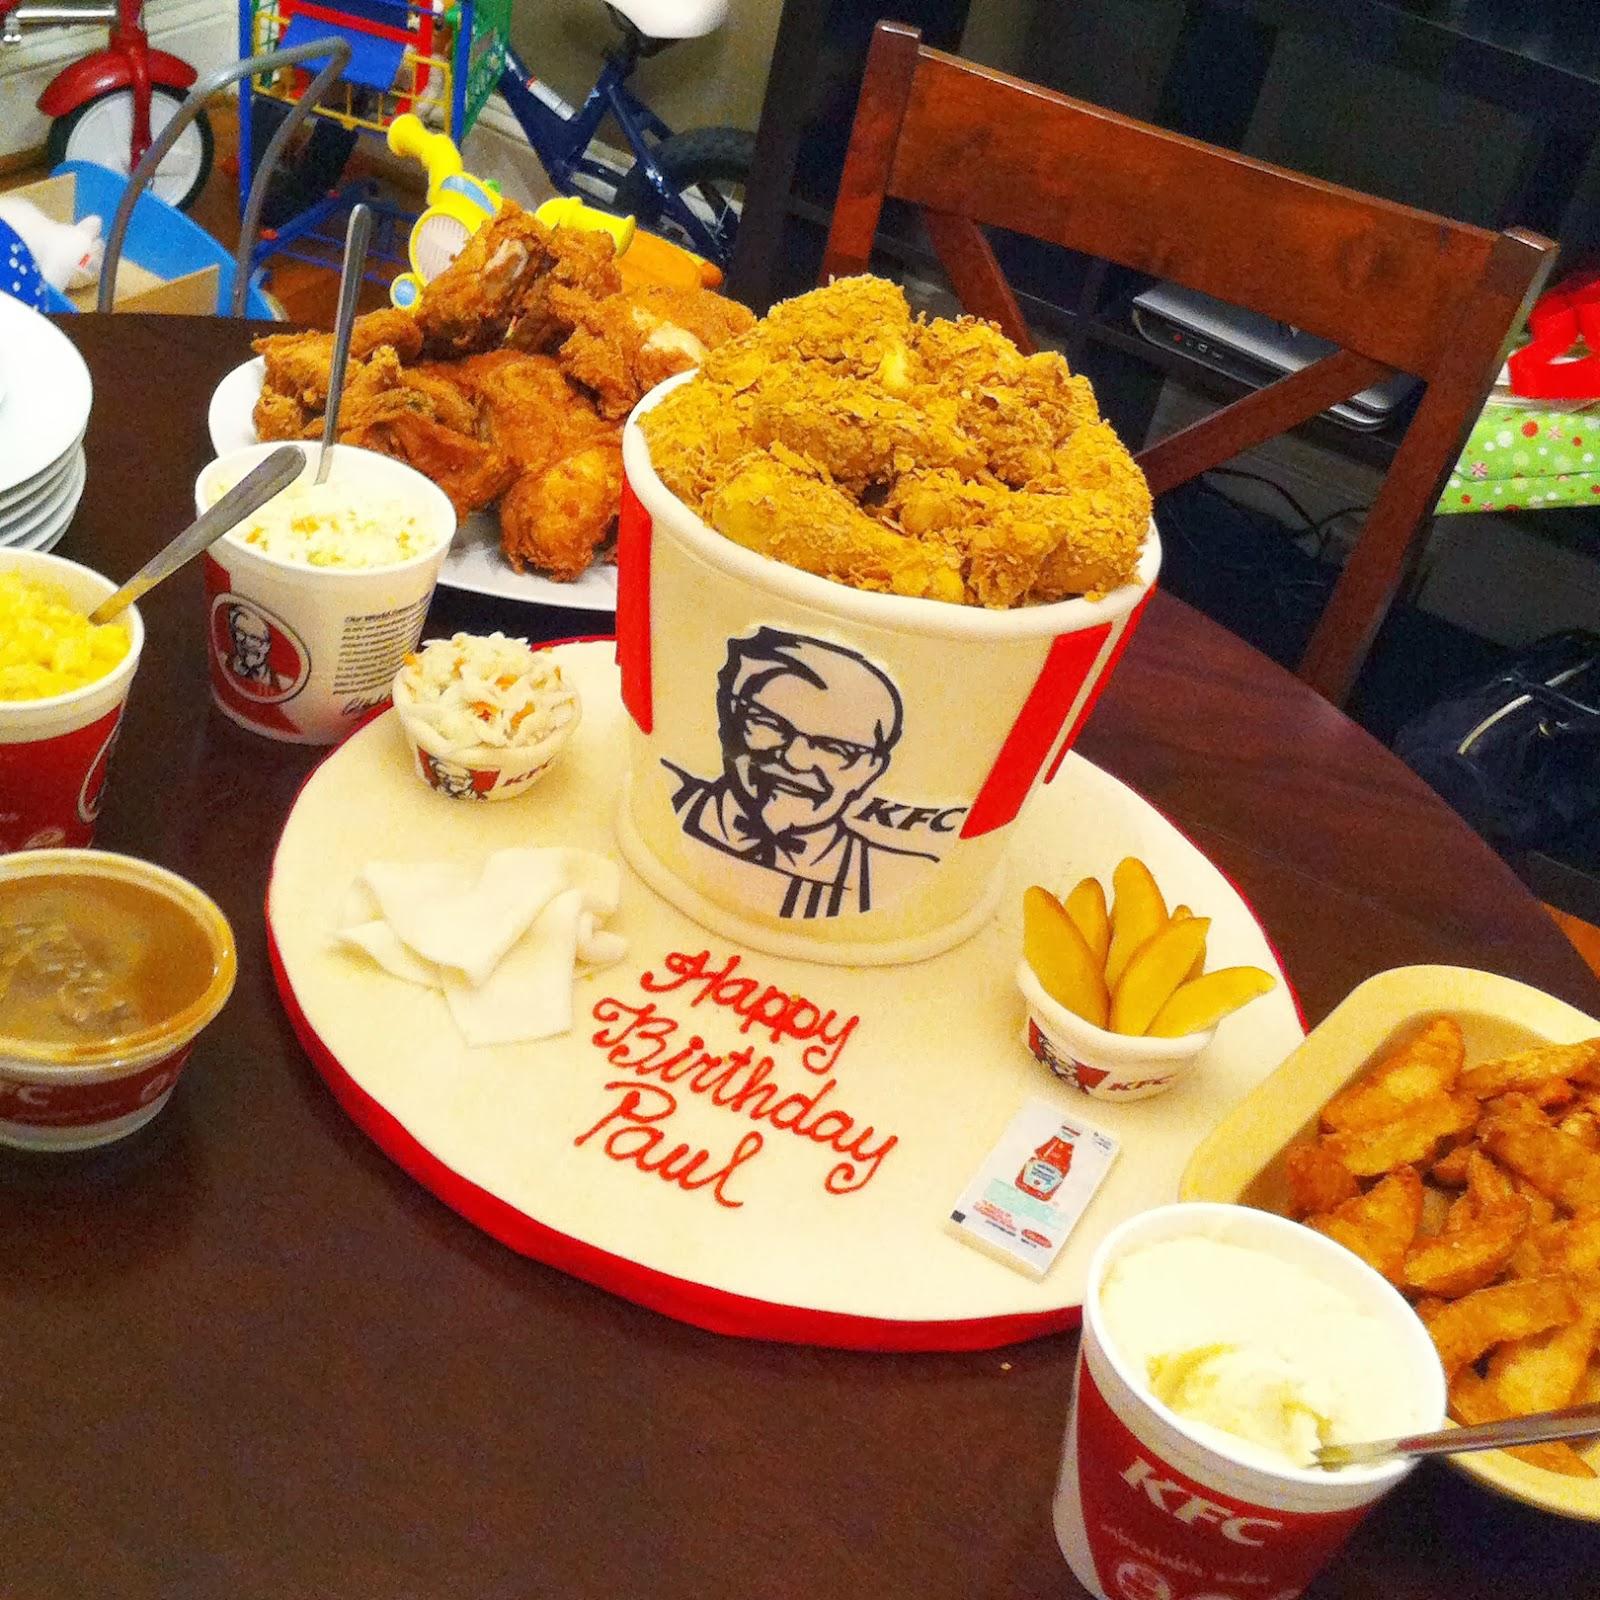 Spot the KFC cake